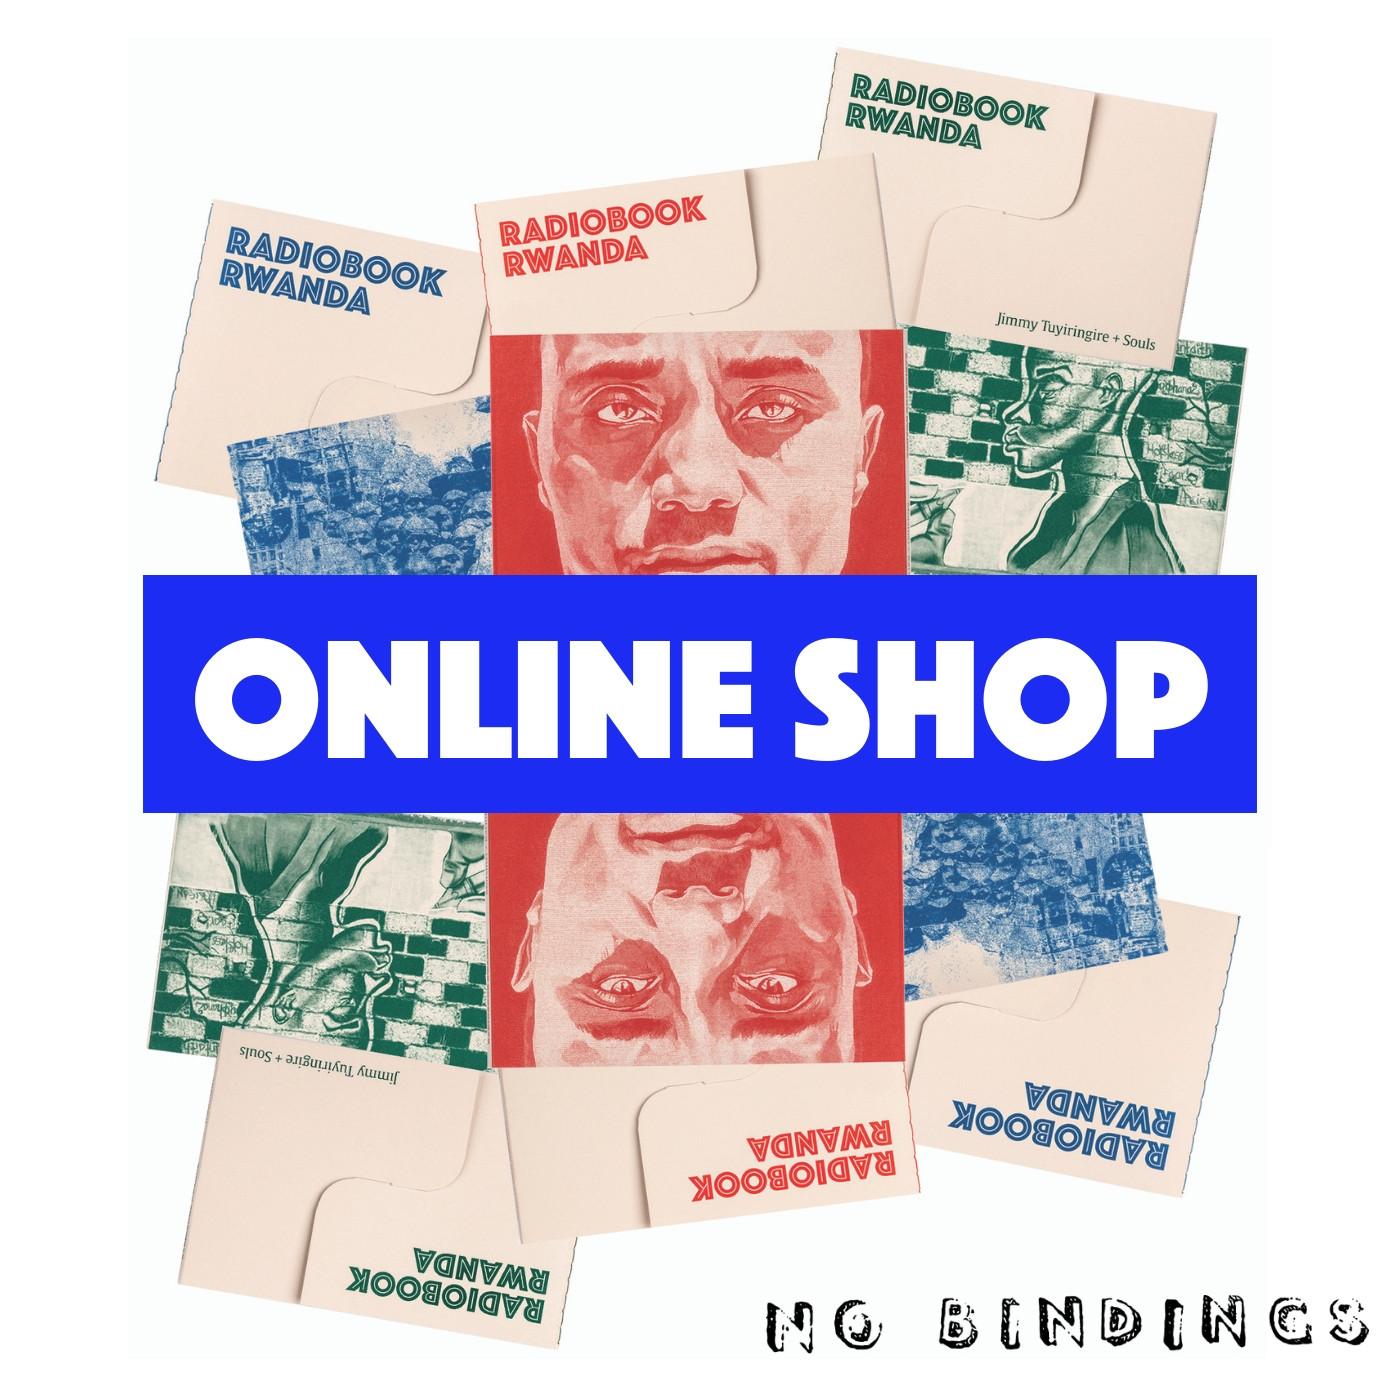 No Bindings online shop